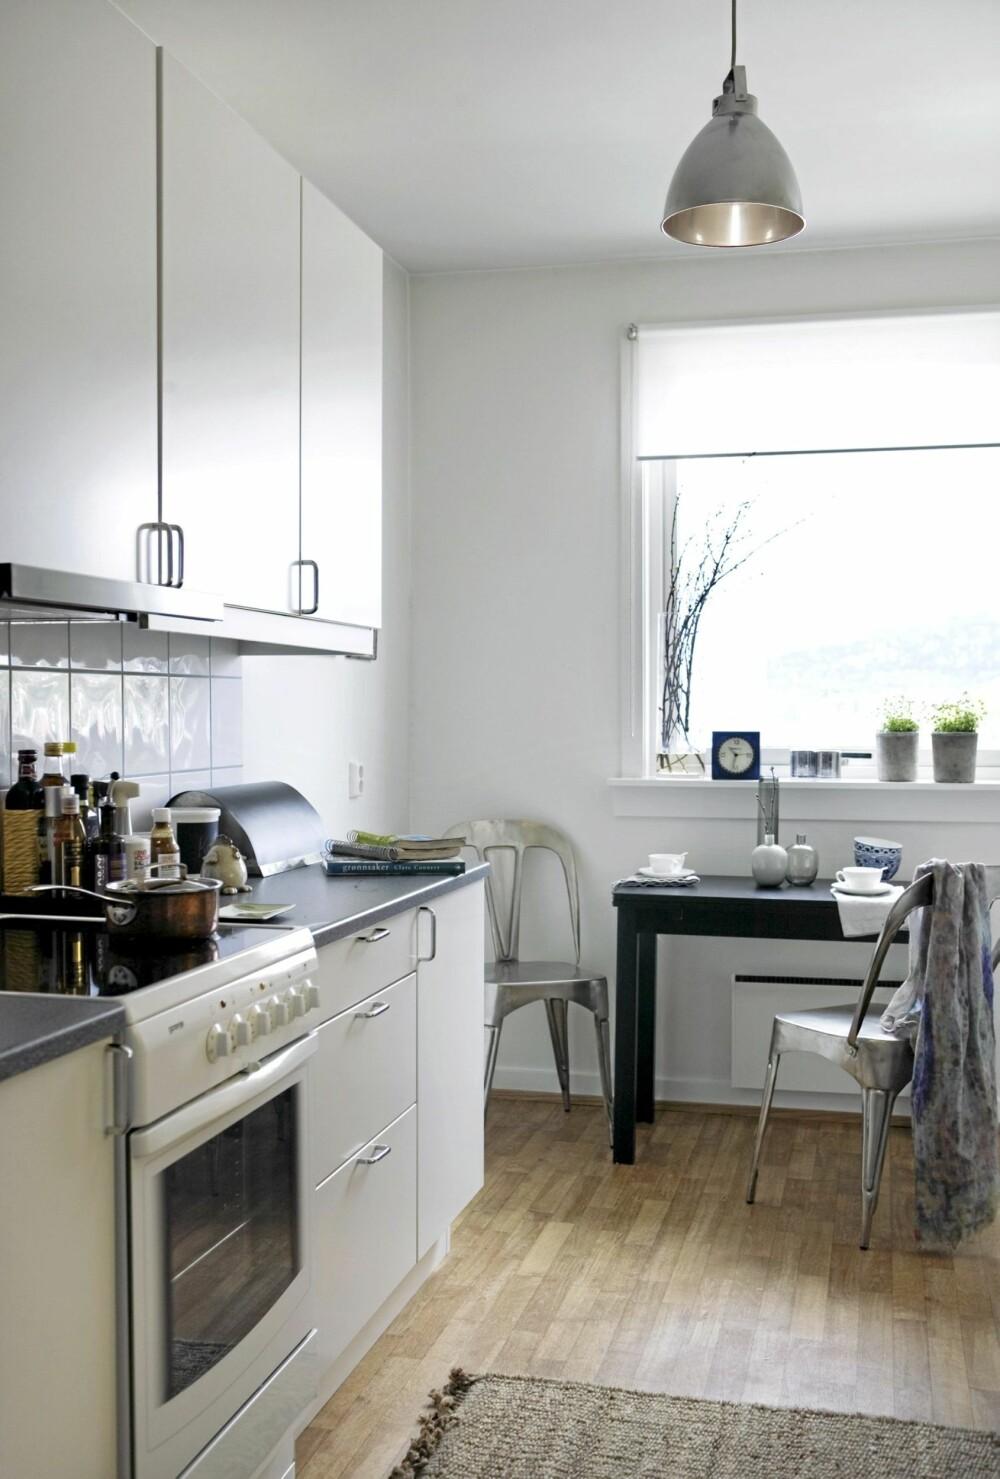 LYS INSPIRASJON: Kjøkkeninnredningen er fra Kvik, og kjøkkenstoler er fra Living. Bord fra Ikea og teppe fra Bolina.